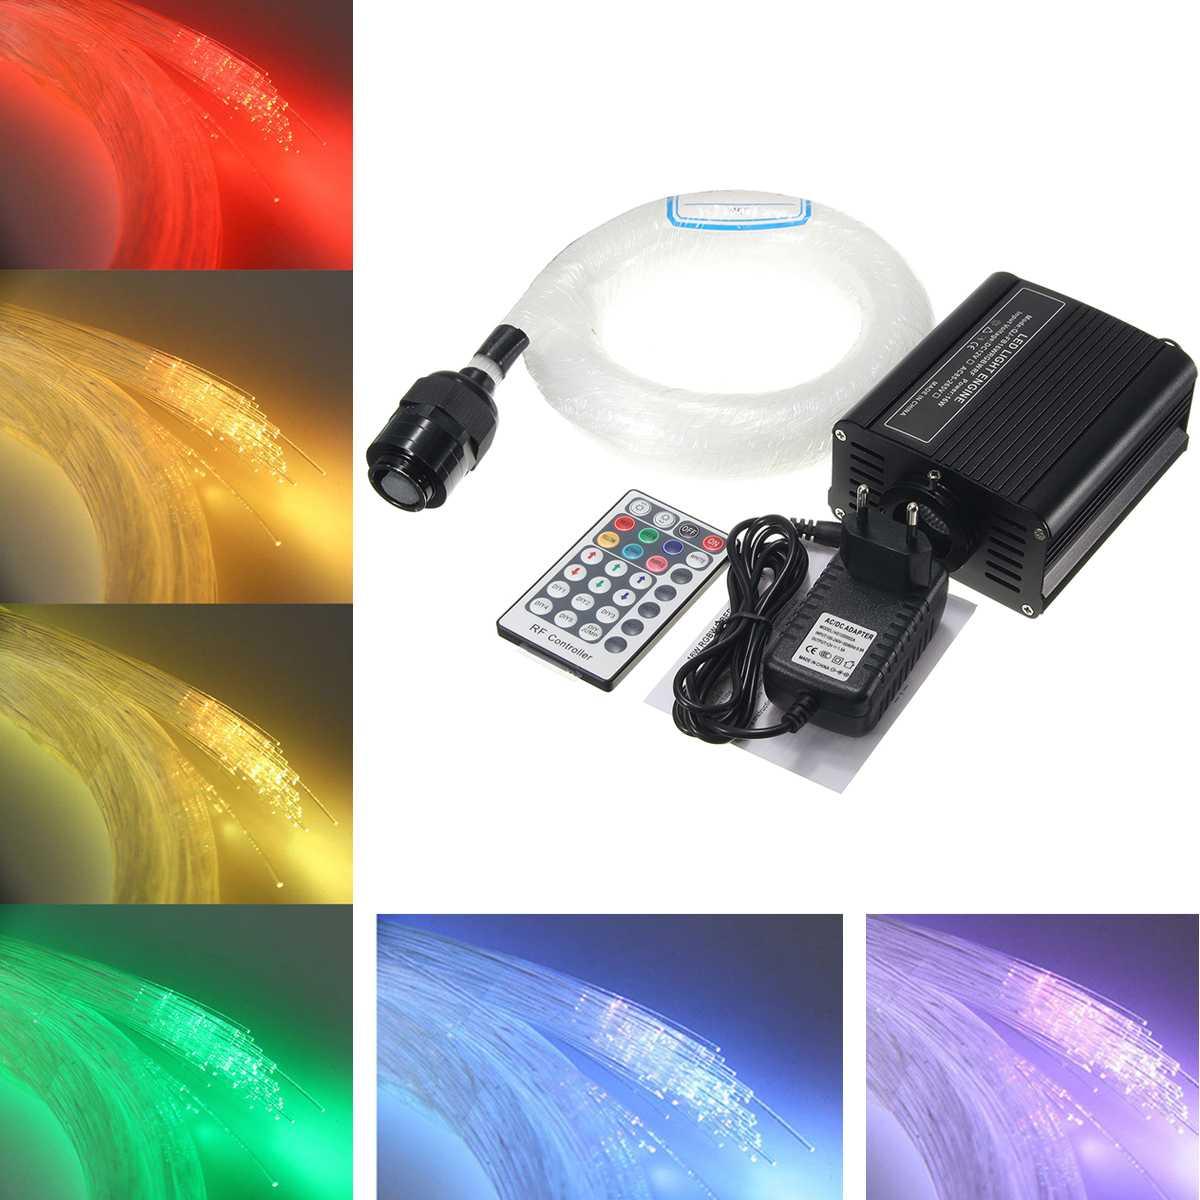 200 шт? 0,75 мм? x? 2 м красочные волоконно-оптические огни RGB Мерцающие светодиодные звезды потолочный светильник комплект для волоконно-оптичес...